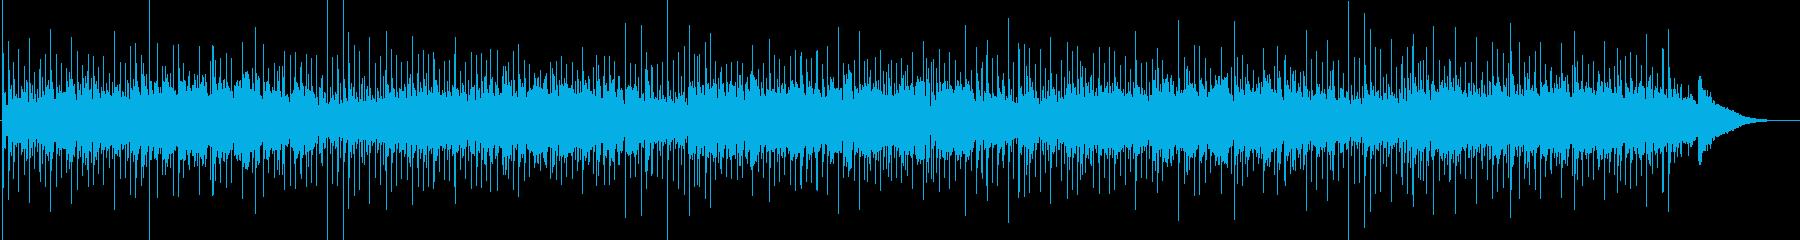 アコギ演奏によるリラックスできるポップスの再生済みの波形